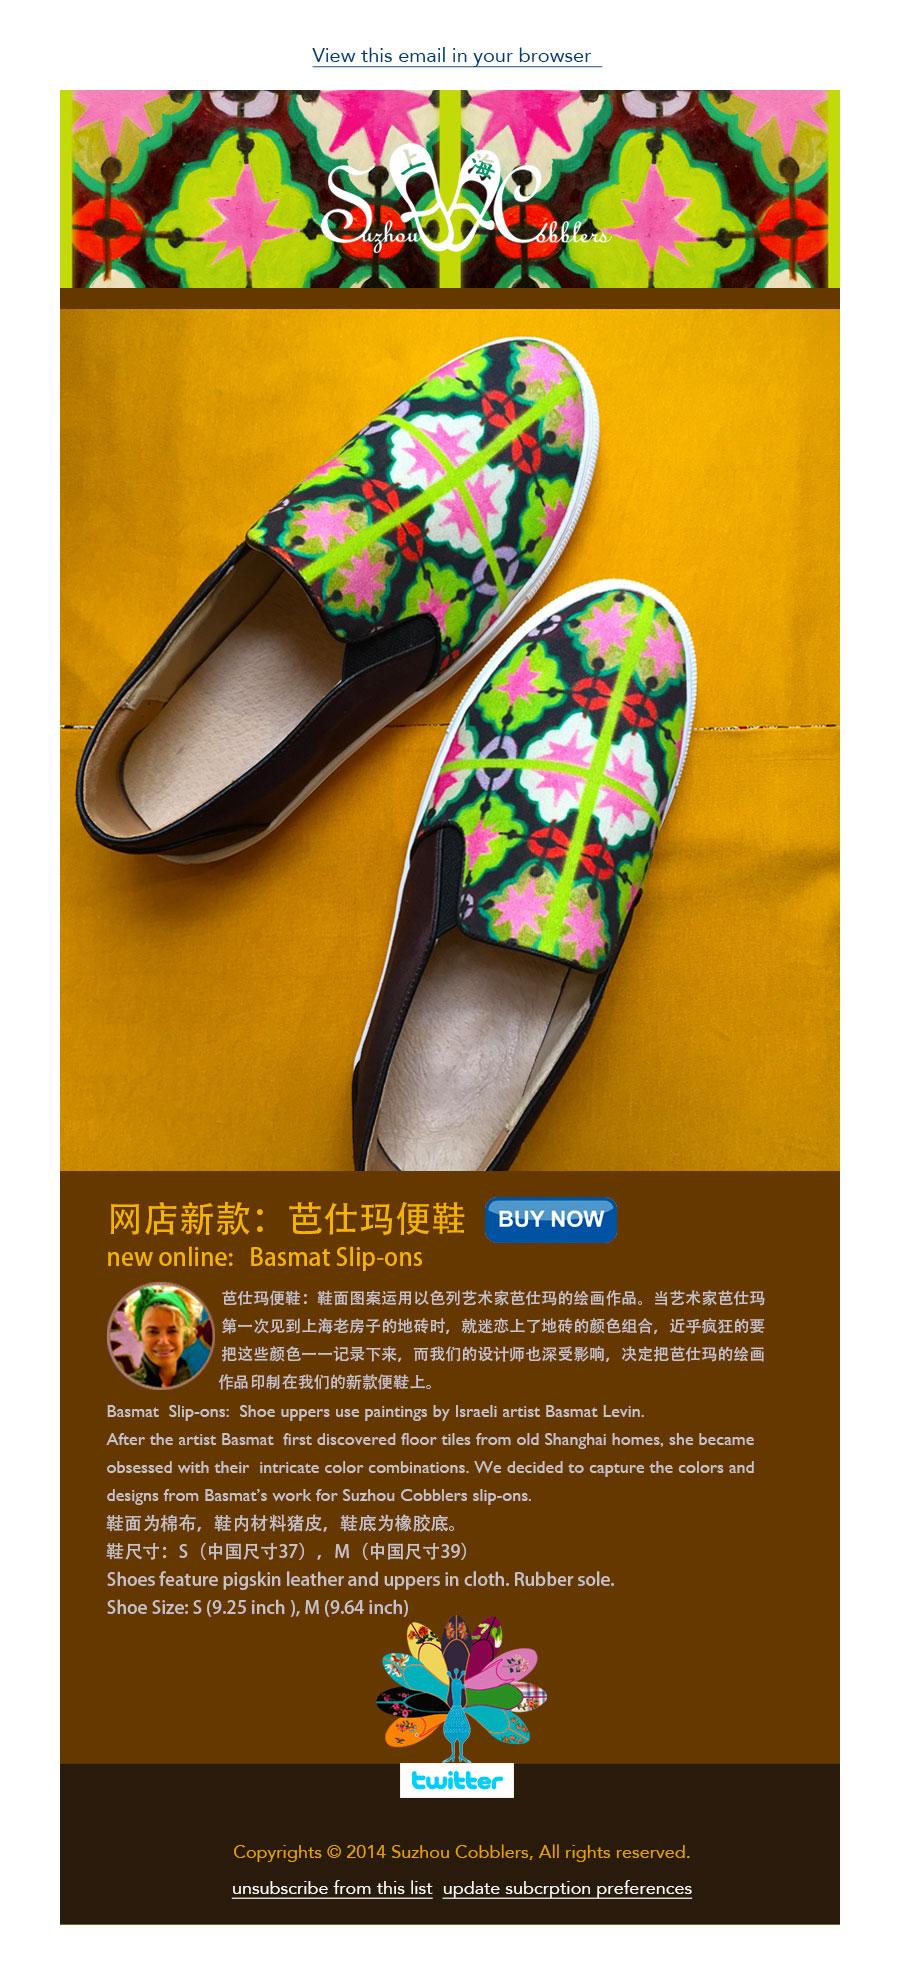 02-Sozhou-Cobller.jpg